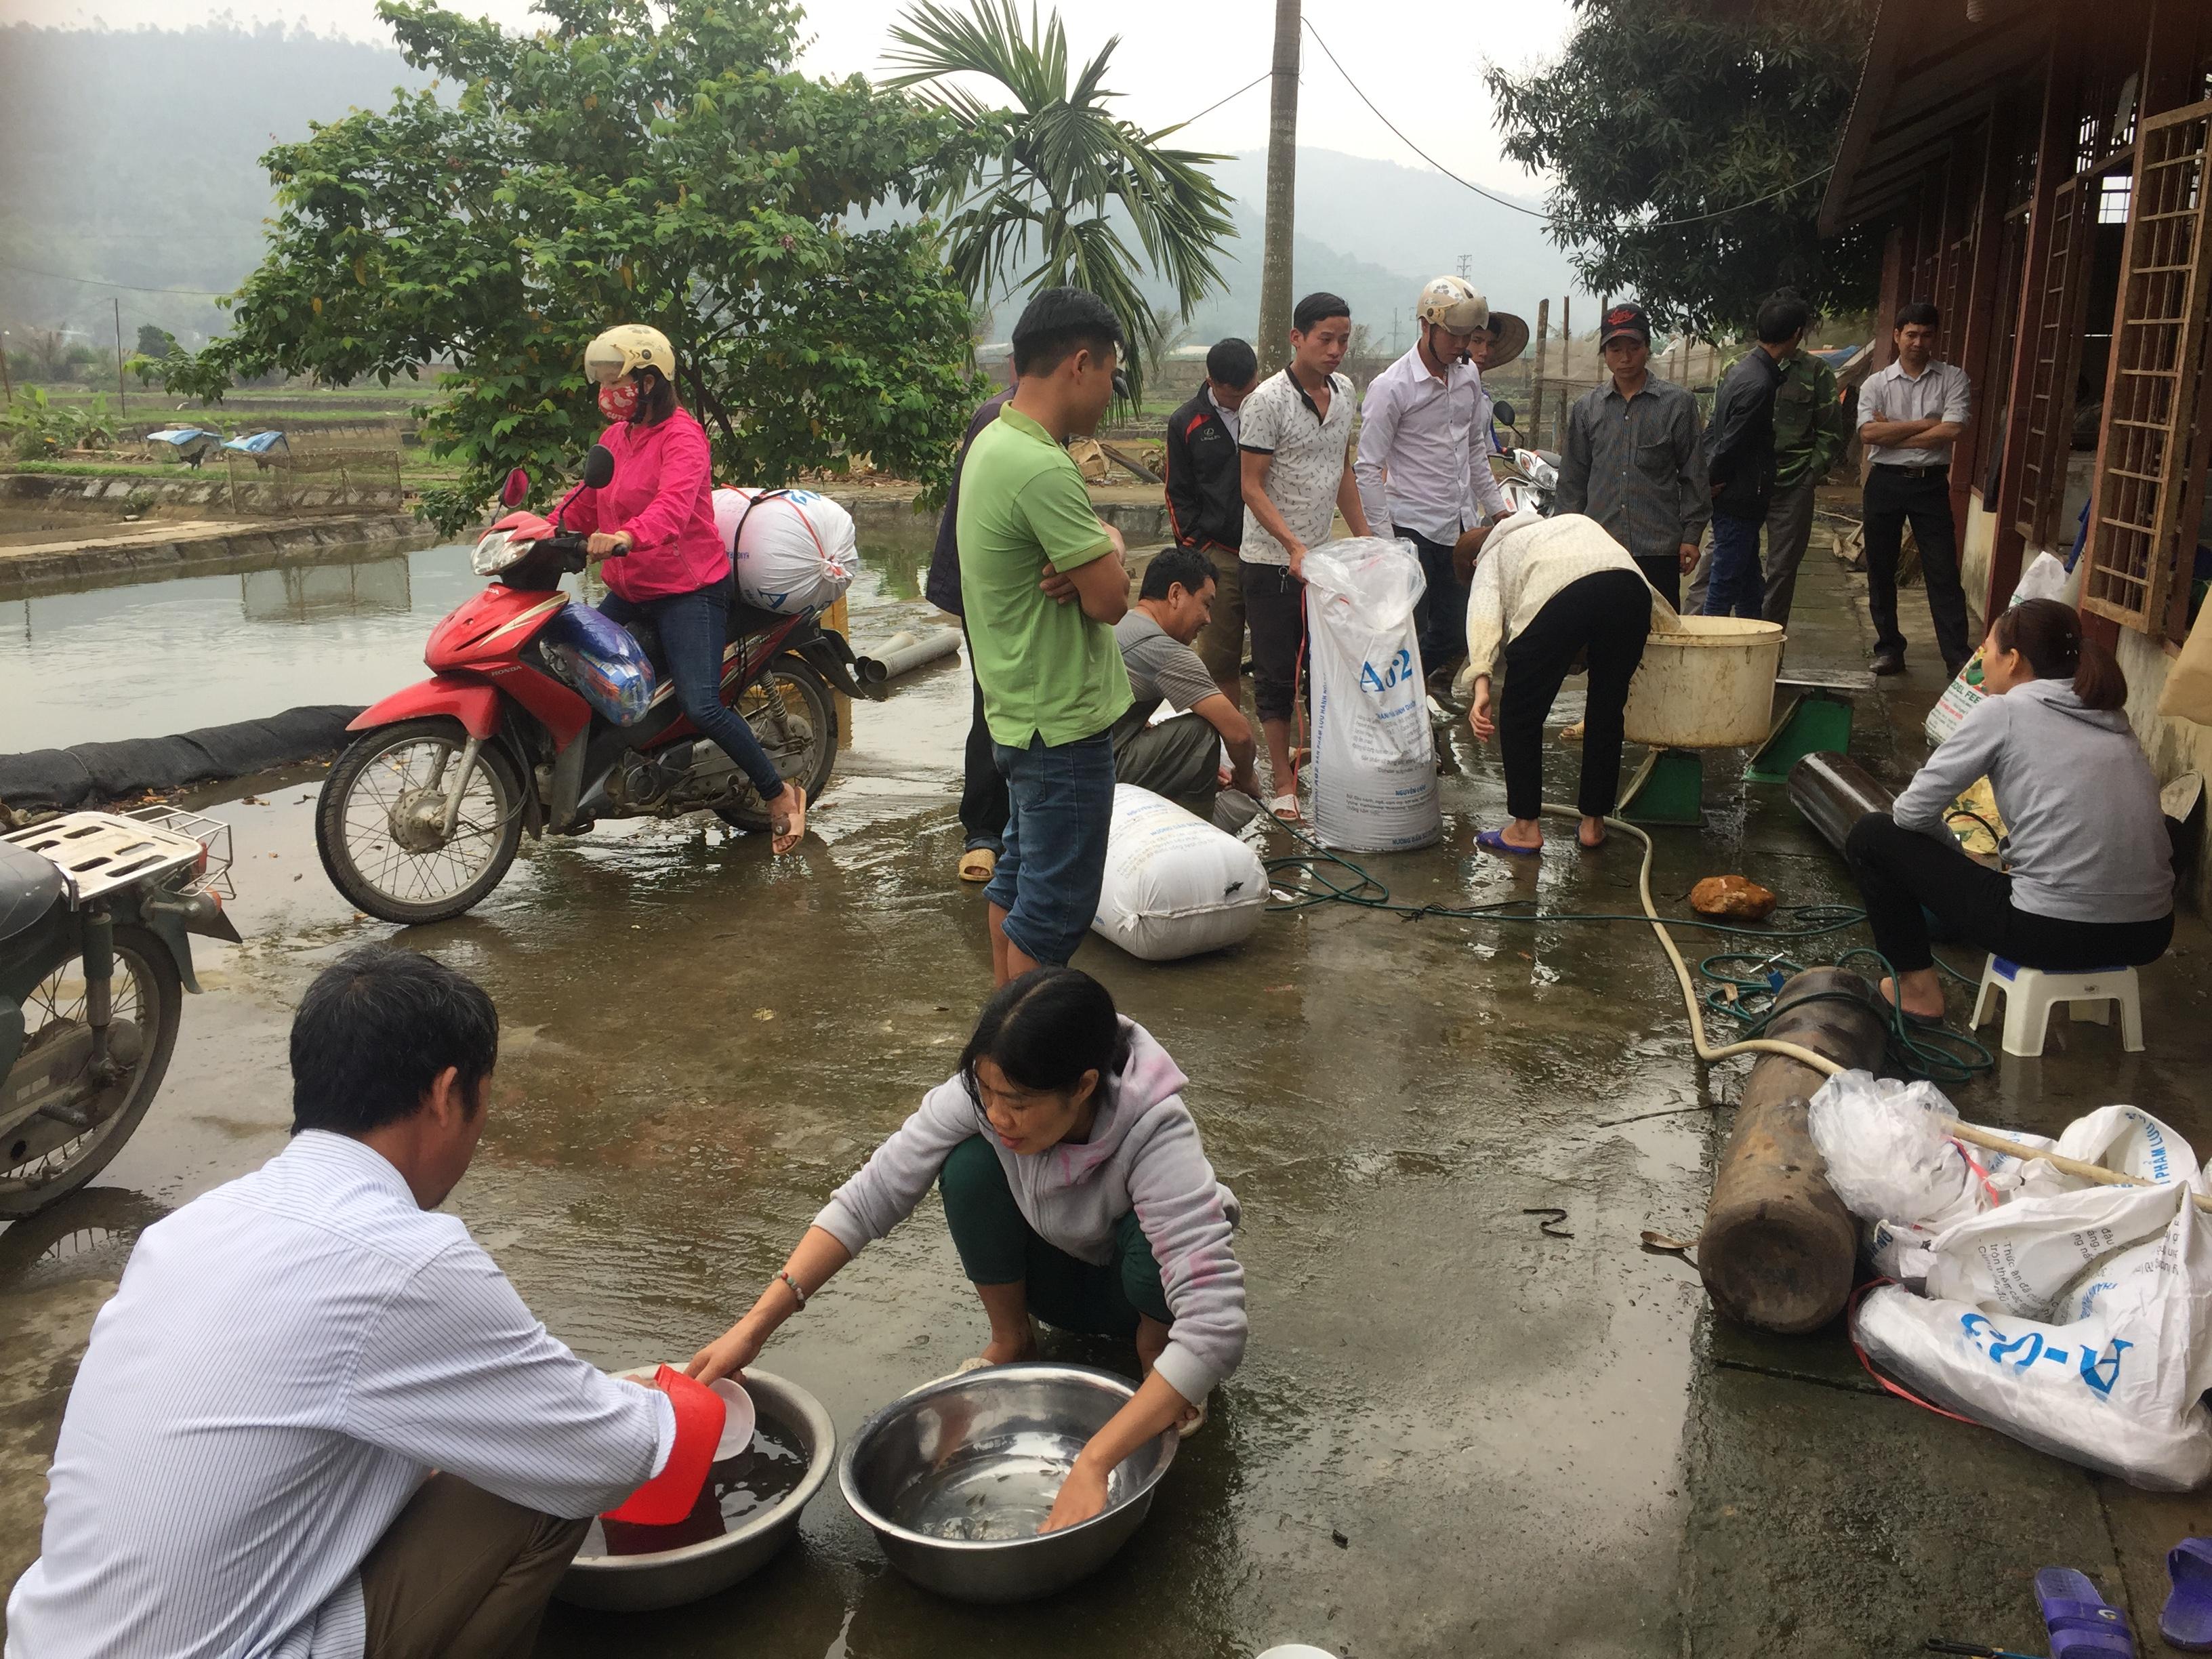 Trung tâm giống Nông nghiệp Lào Cai chủ động trong công tác sản xuất và cung ứng giống thủy sản trong tỉnh và ngoài tỉnh.